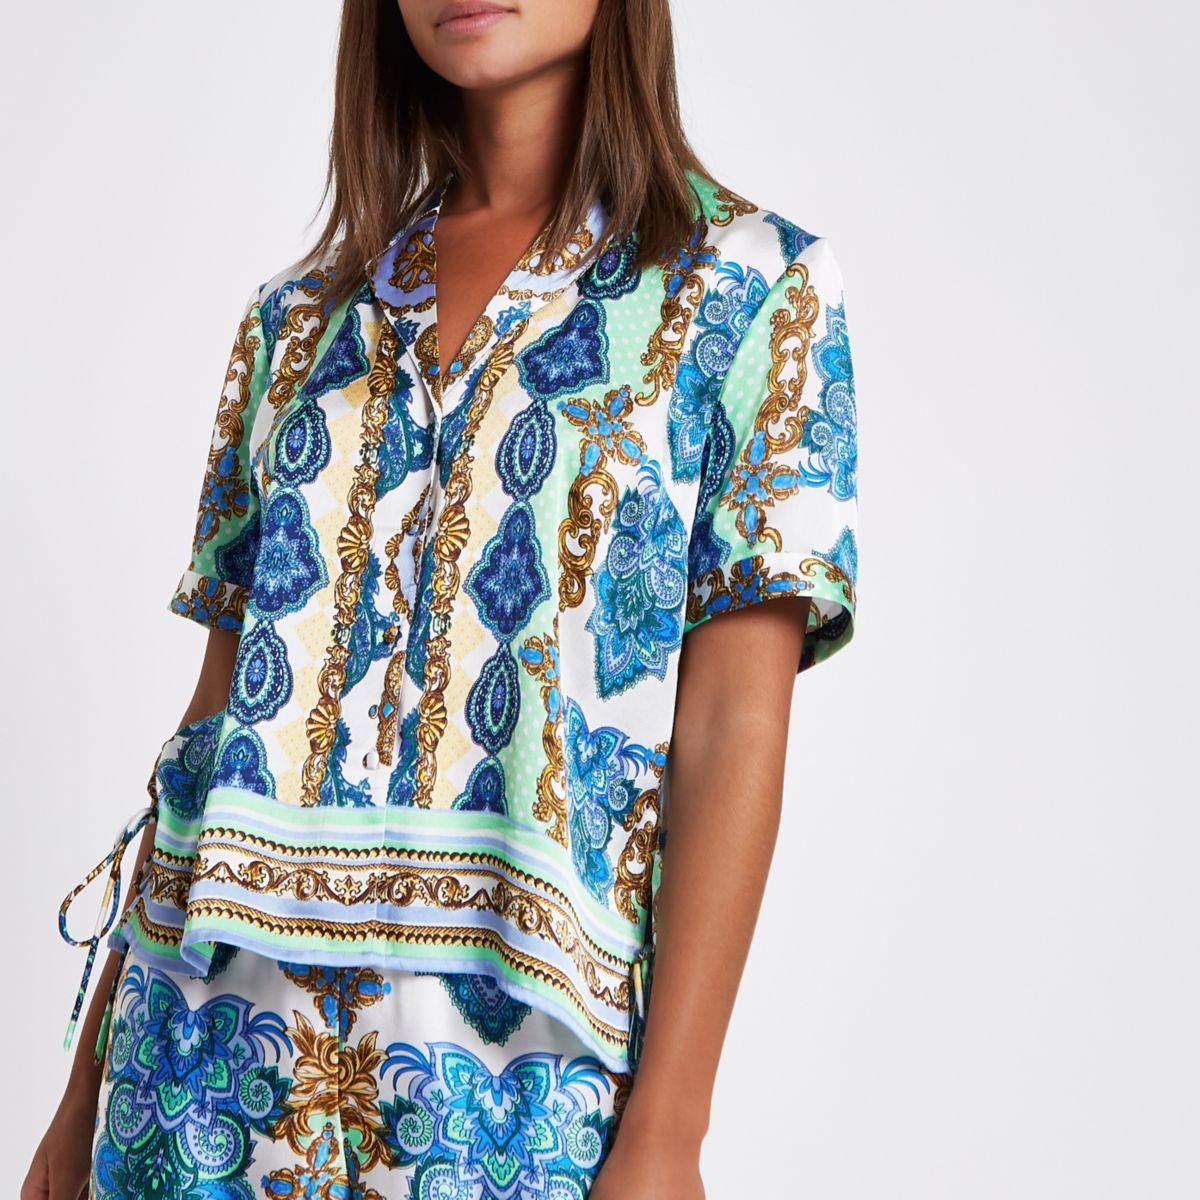 Green mixed print lace pajama shirt